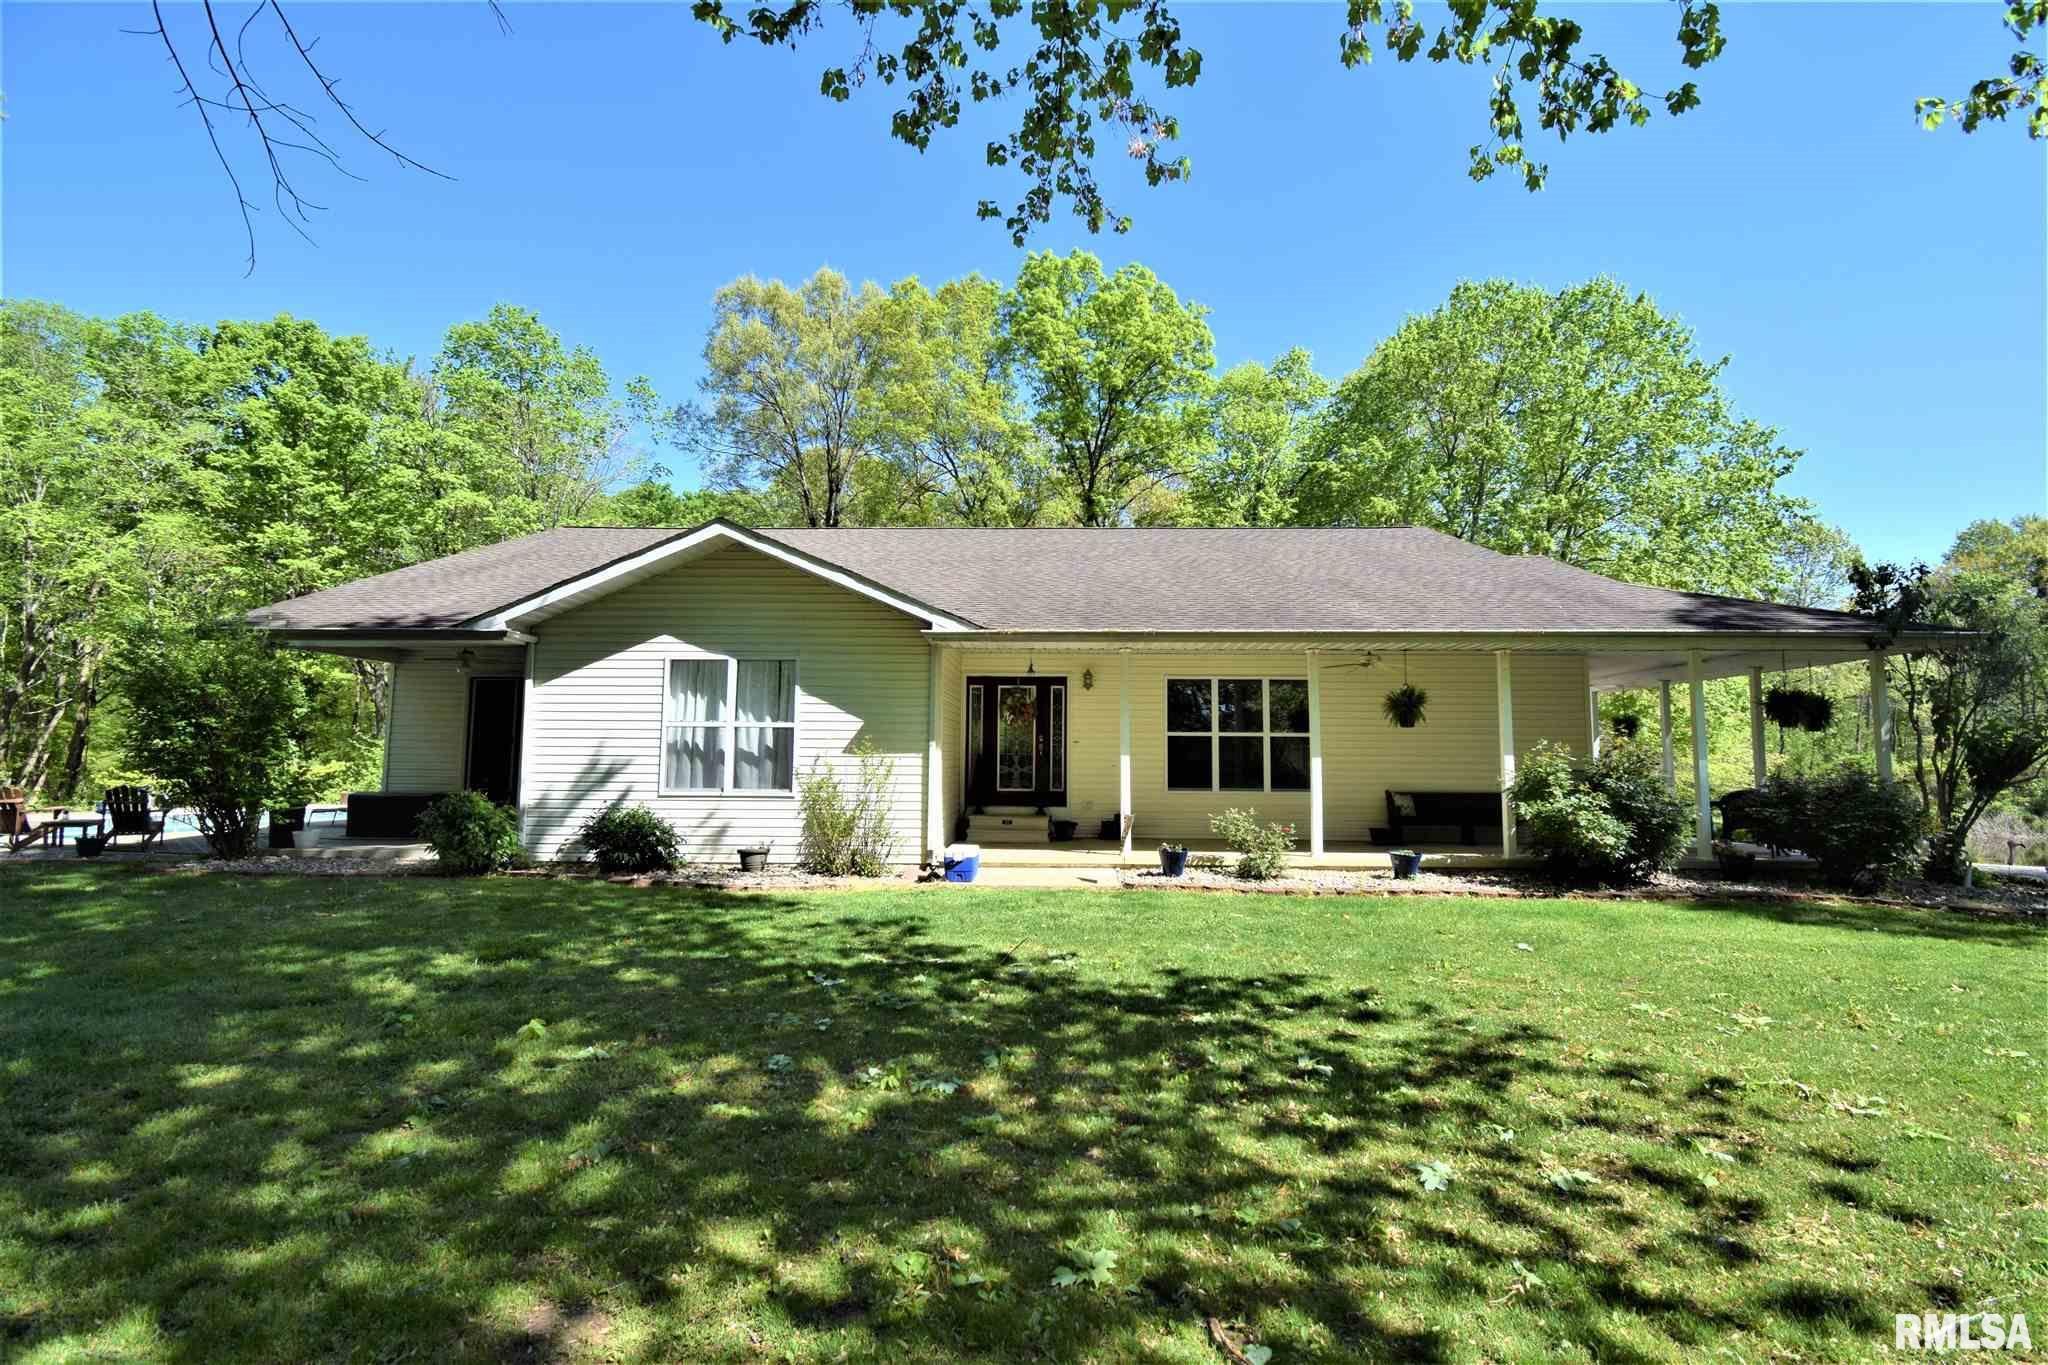 14486 E Tolle Property Photo - Mt Vernon, IL real estate listing